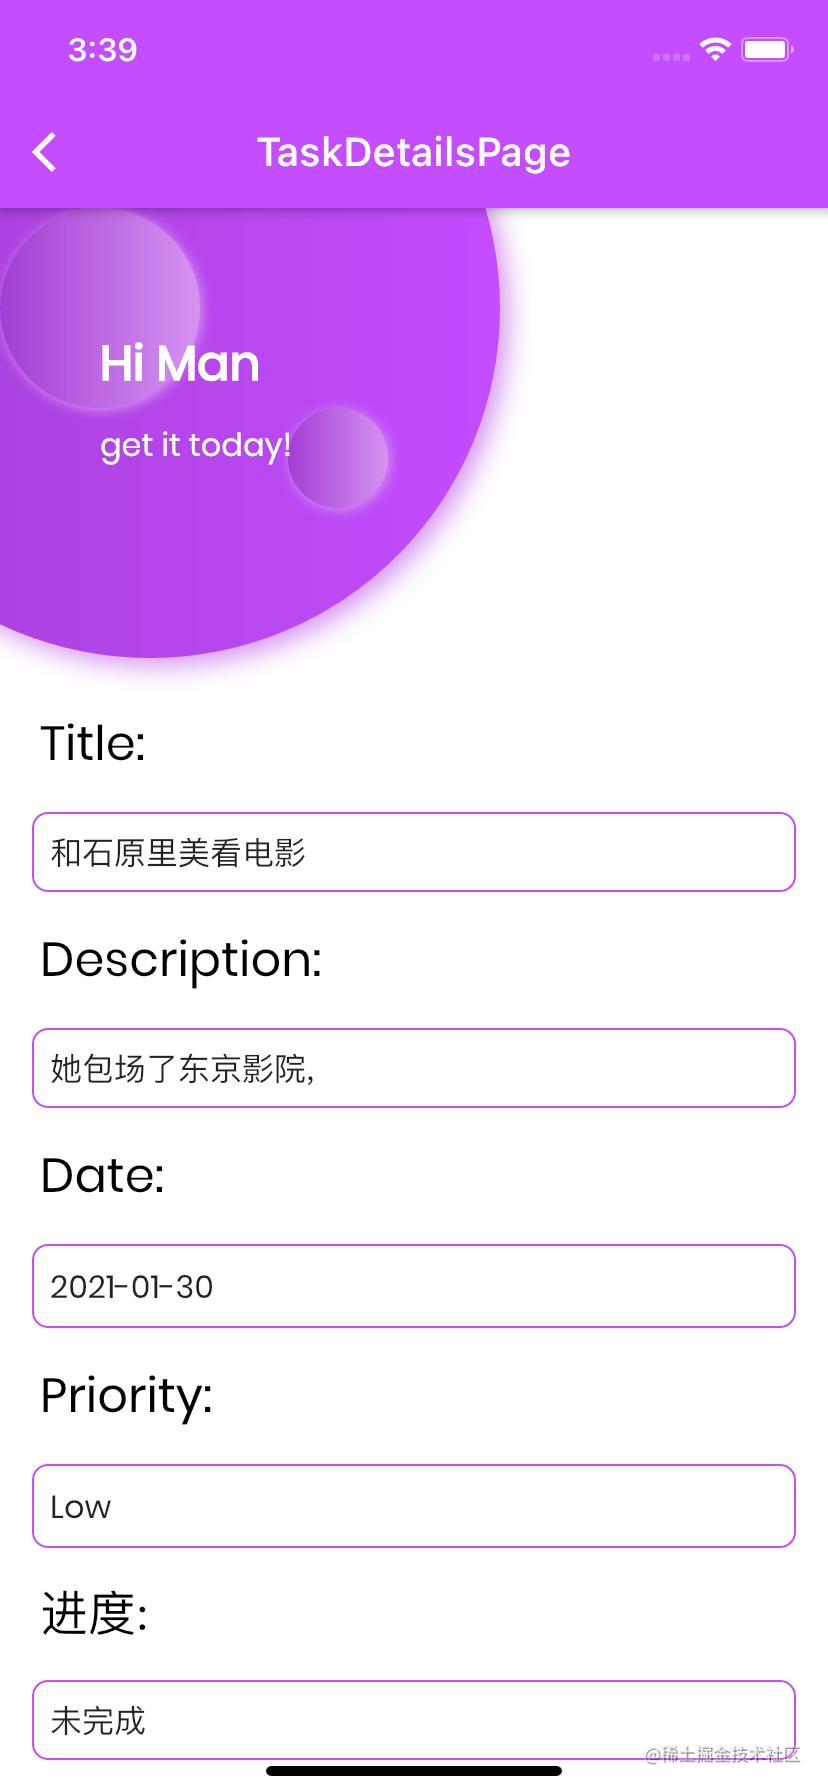 Simulator Screen Shot - iPhone 11 - 2020-12-12 at 15.39.56.png